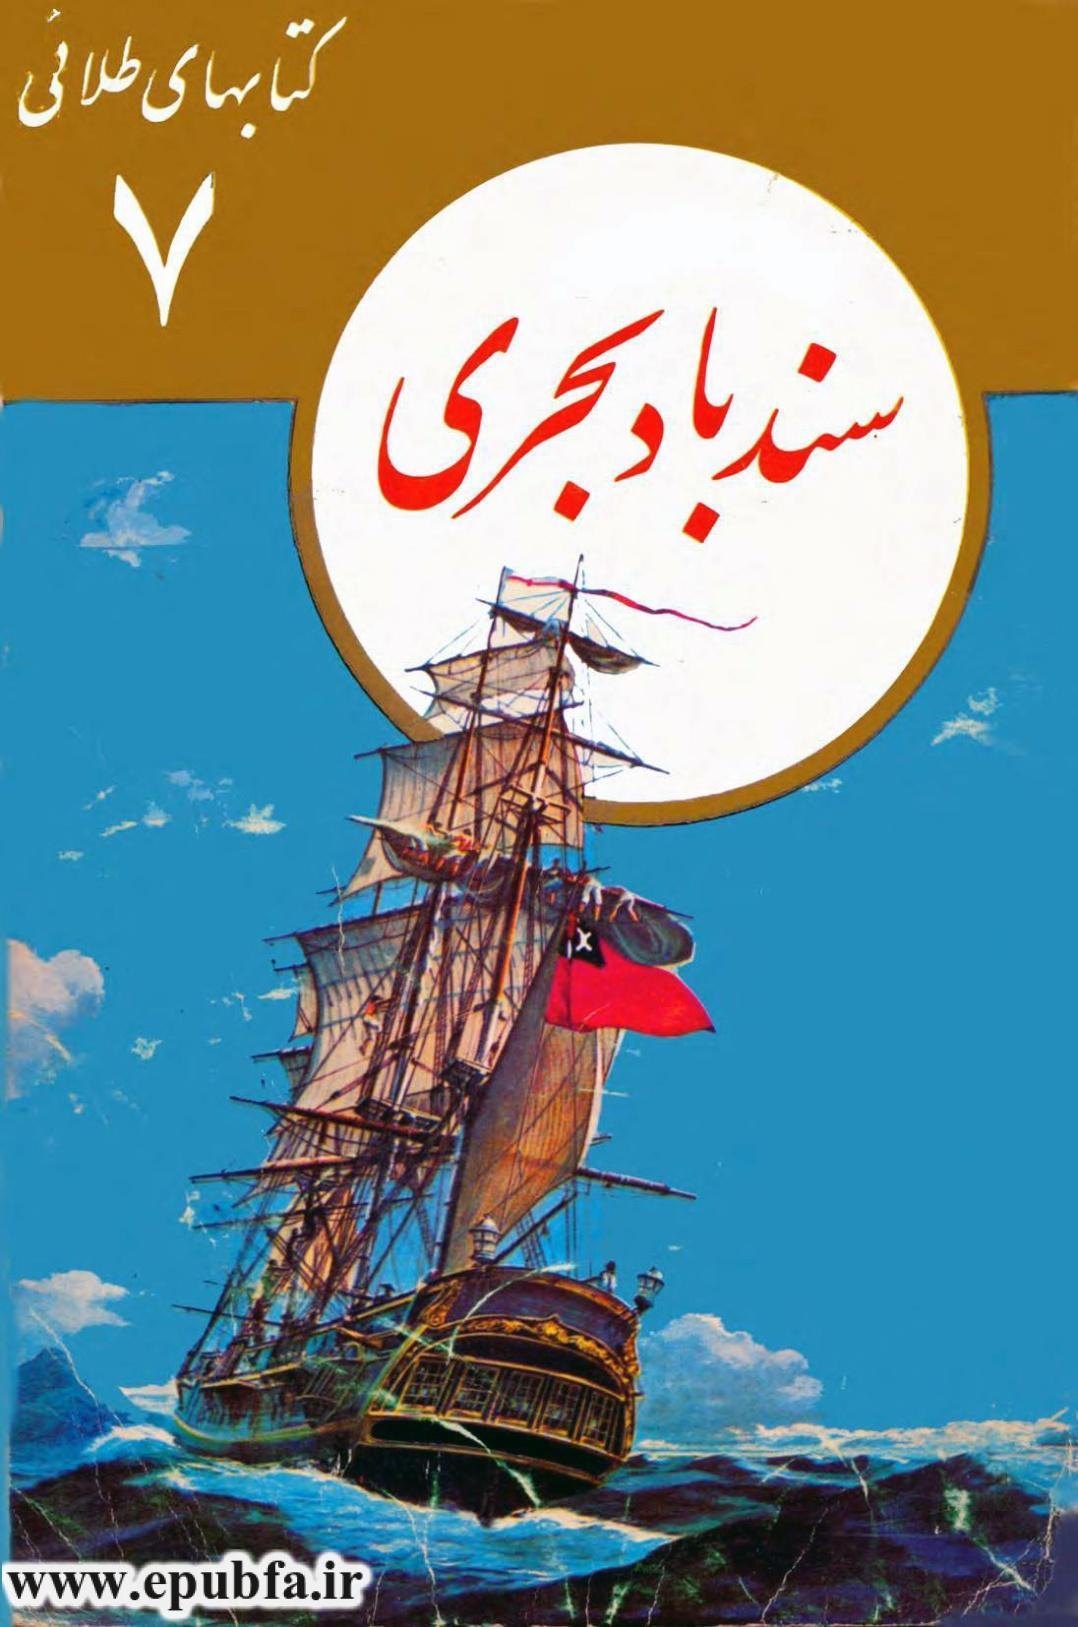 کتاب داستان ماجراهای سندباد بحری، کتاب قصه کودکان از مجموعه کتابهای طلائی در سایت ایپابفا (1).jpg